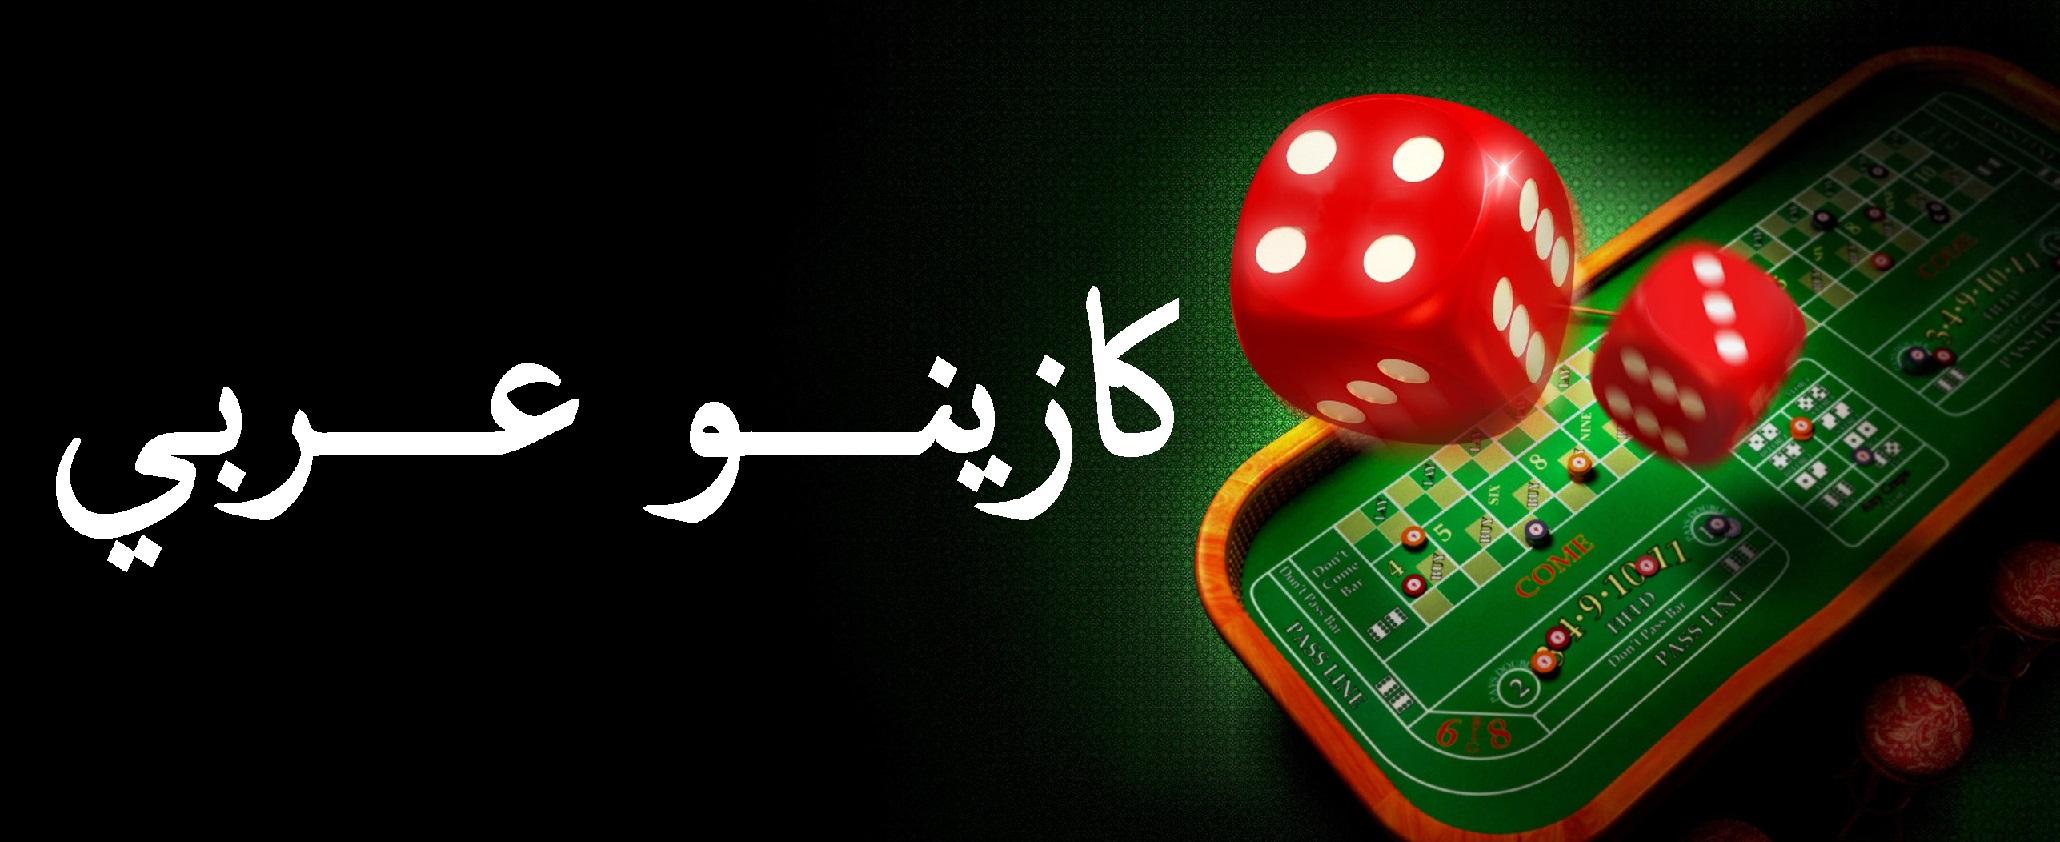 موقع كونكر عربي - 56587